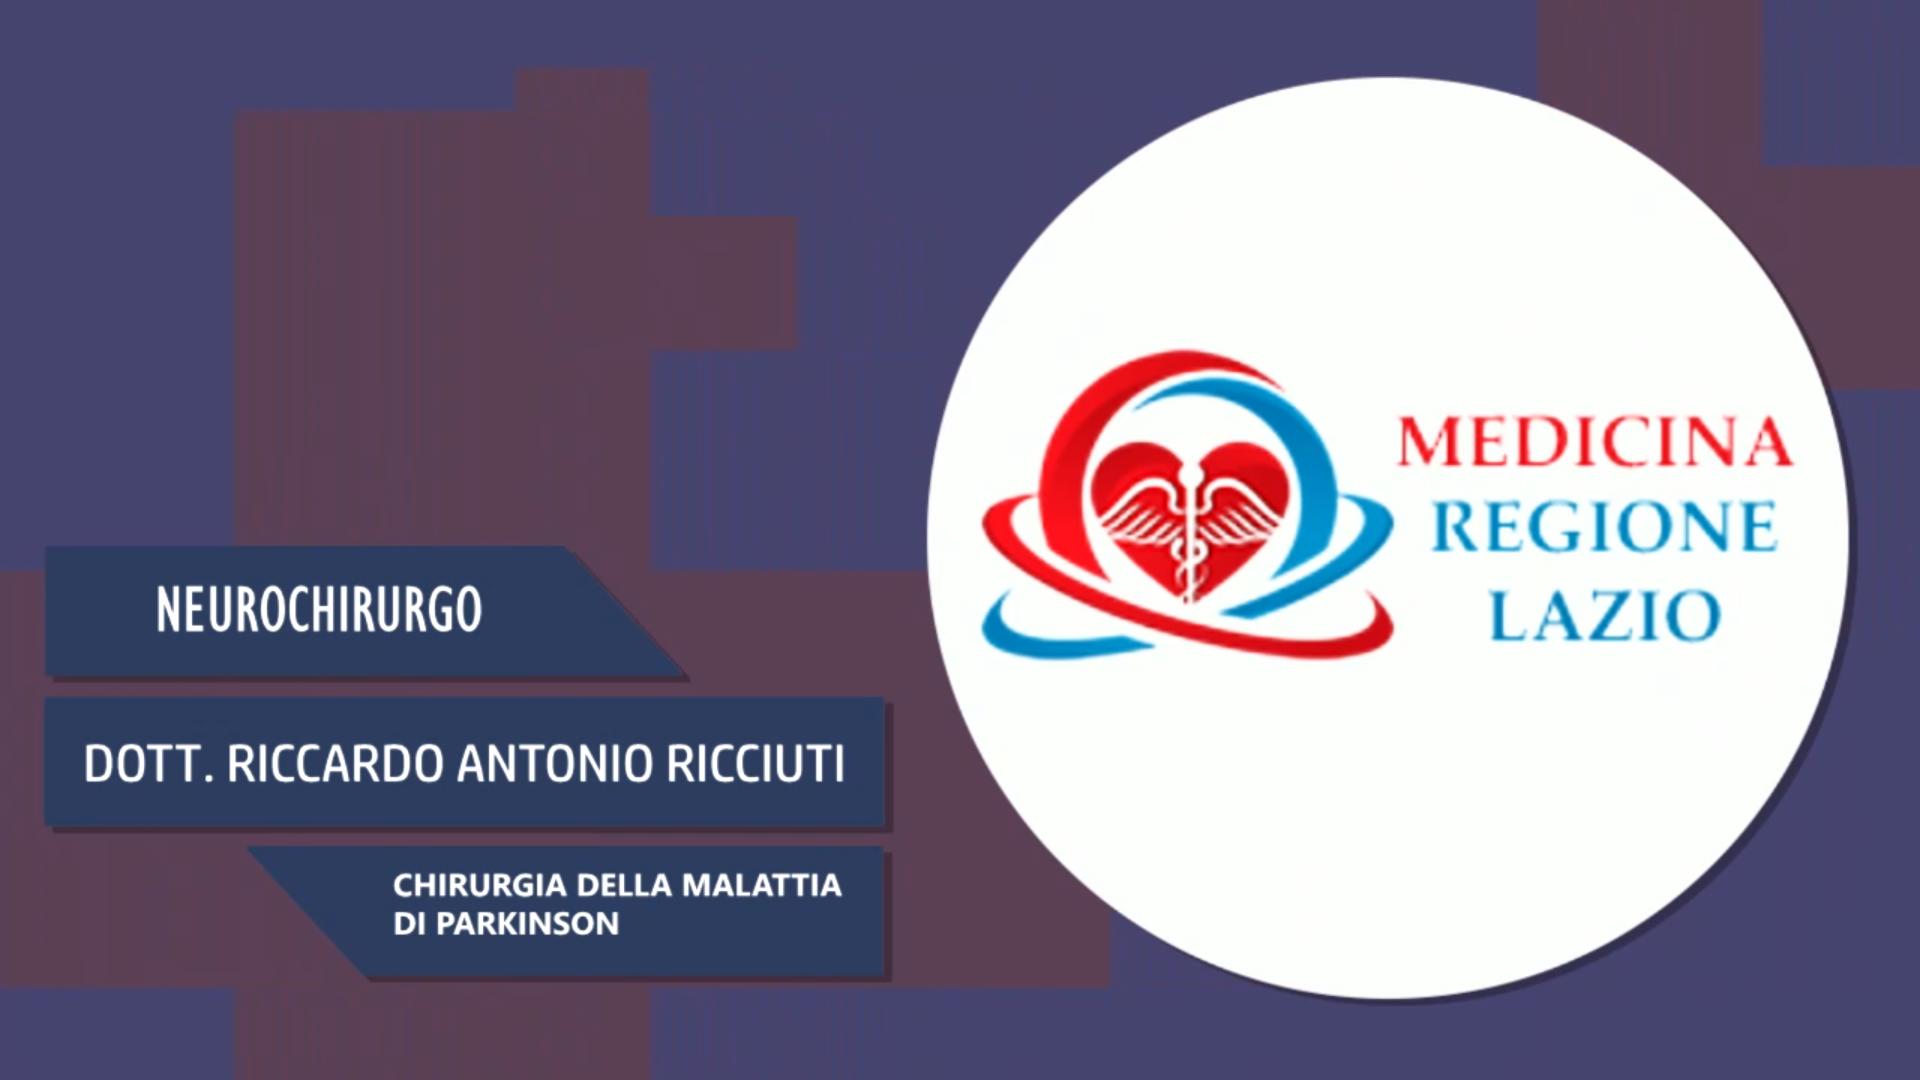 Intervista al Dott. Riccardo Antonio Ricciuti – Chirurgia della malattia di Parkinson